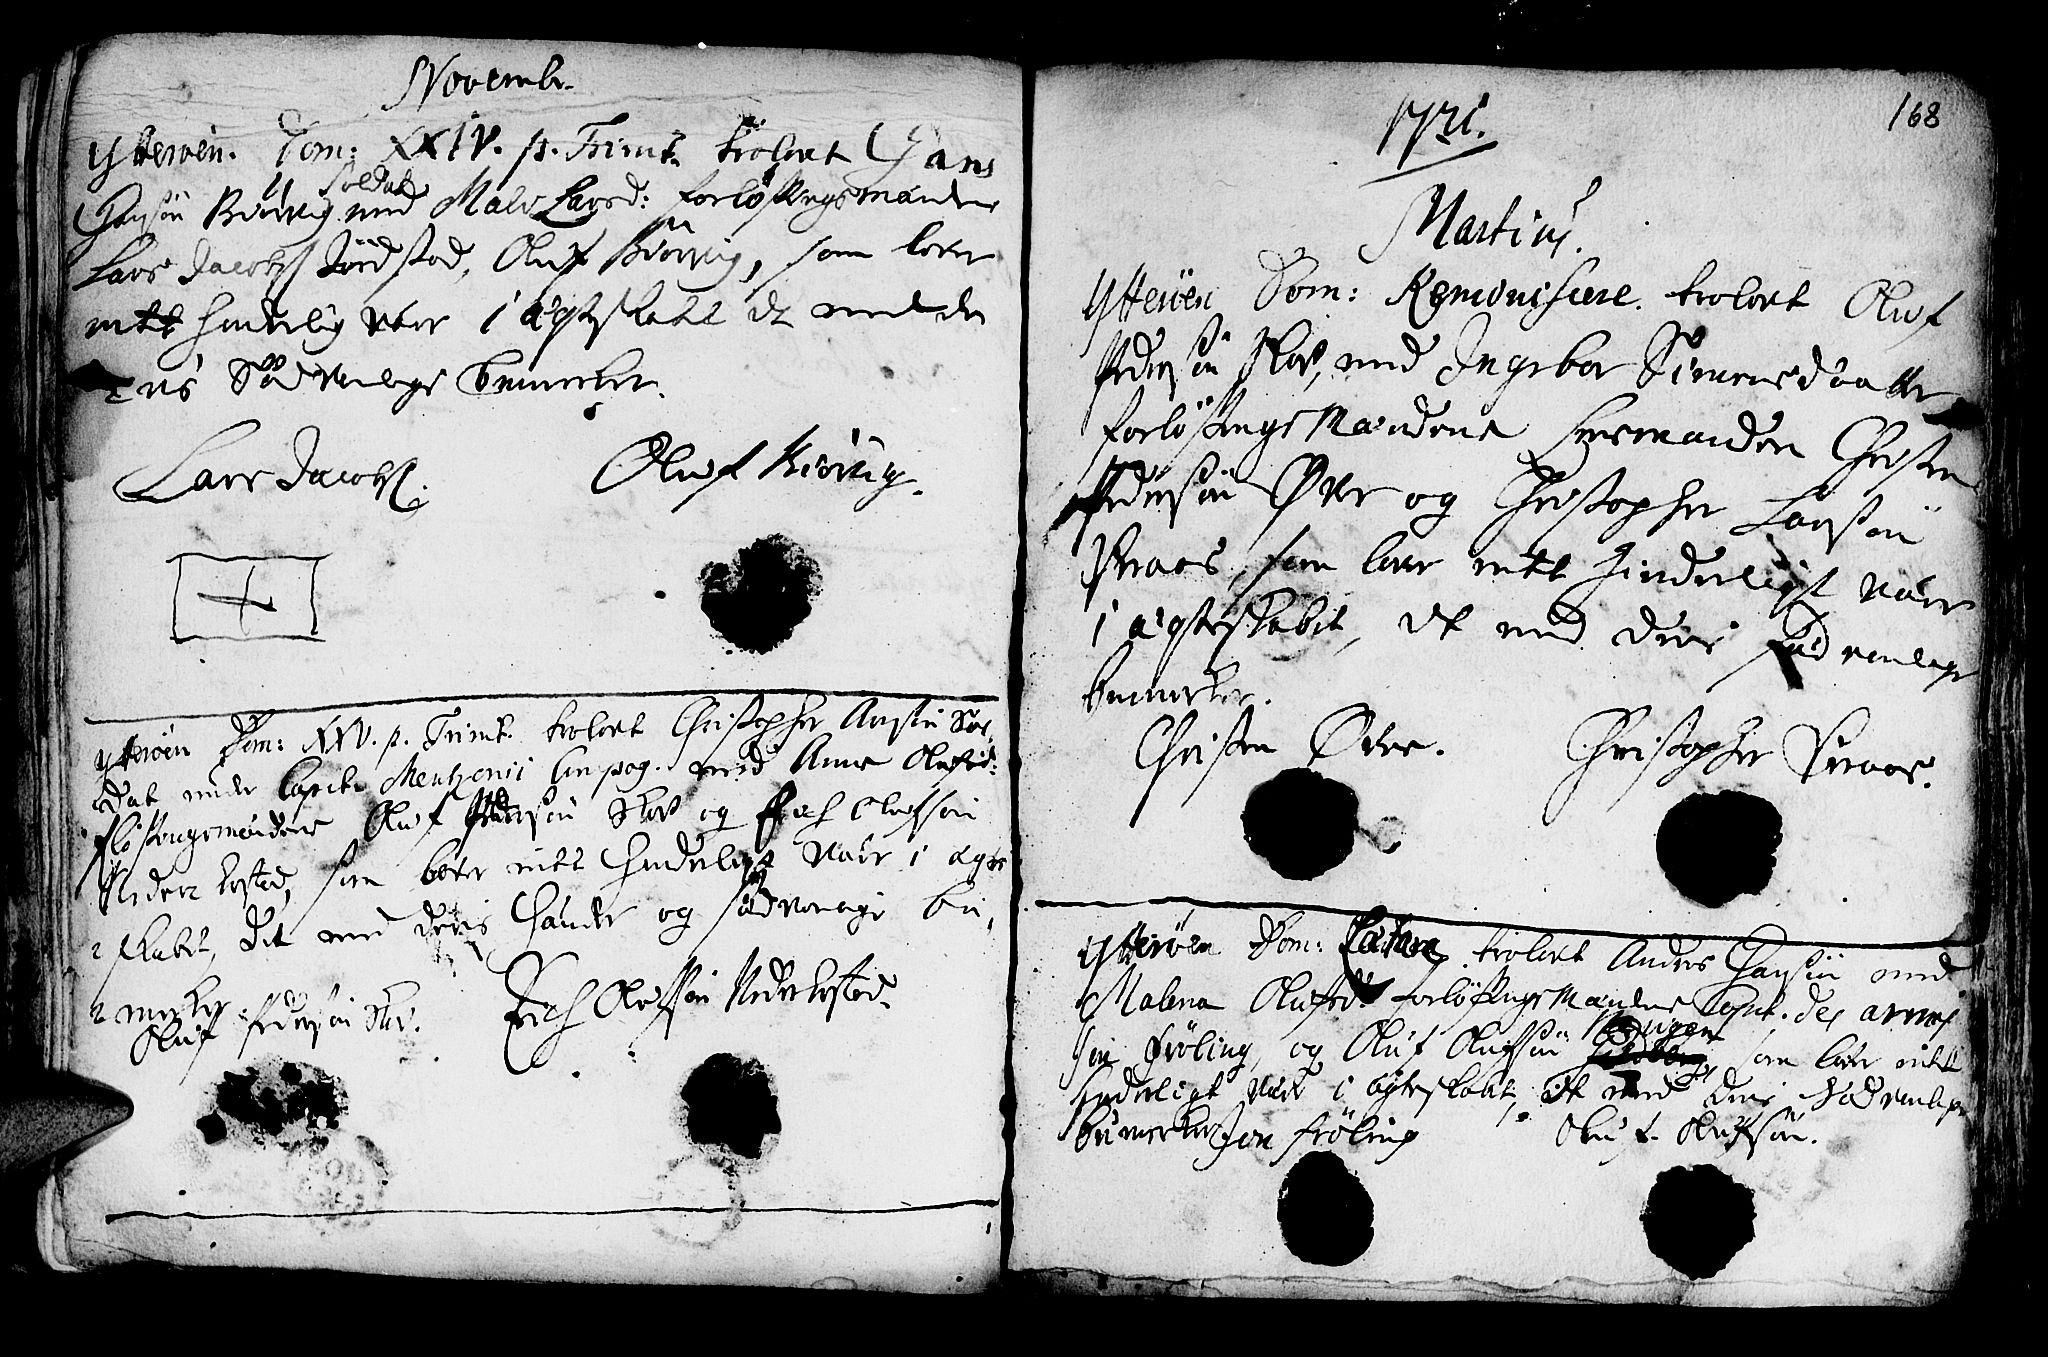 SAT, Ministerialprotokoller, klokkerbøker og fødselsregistre - Nord-Trøndelag, 722/L0215: Ministerialbok nr. 722A02, 1718-1755, s. 168